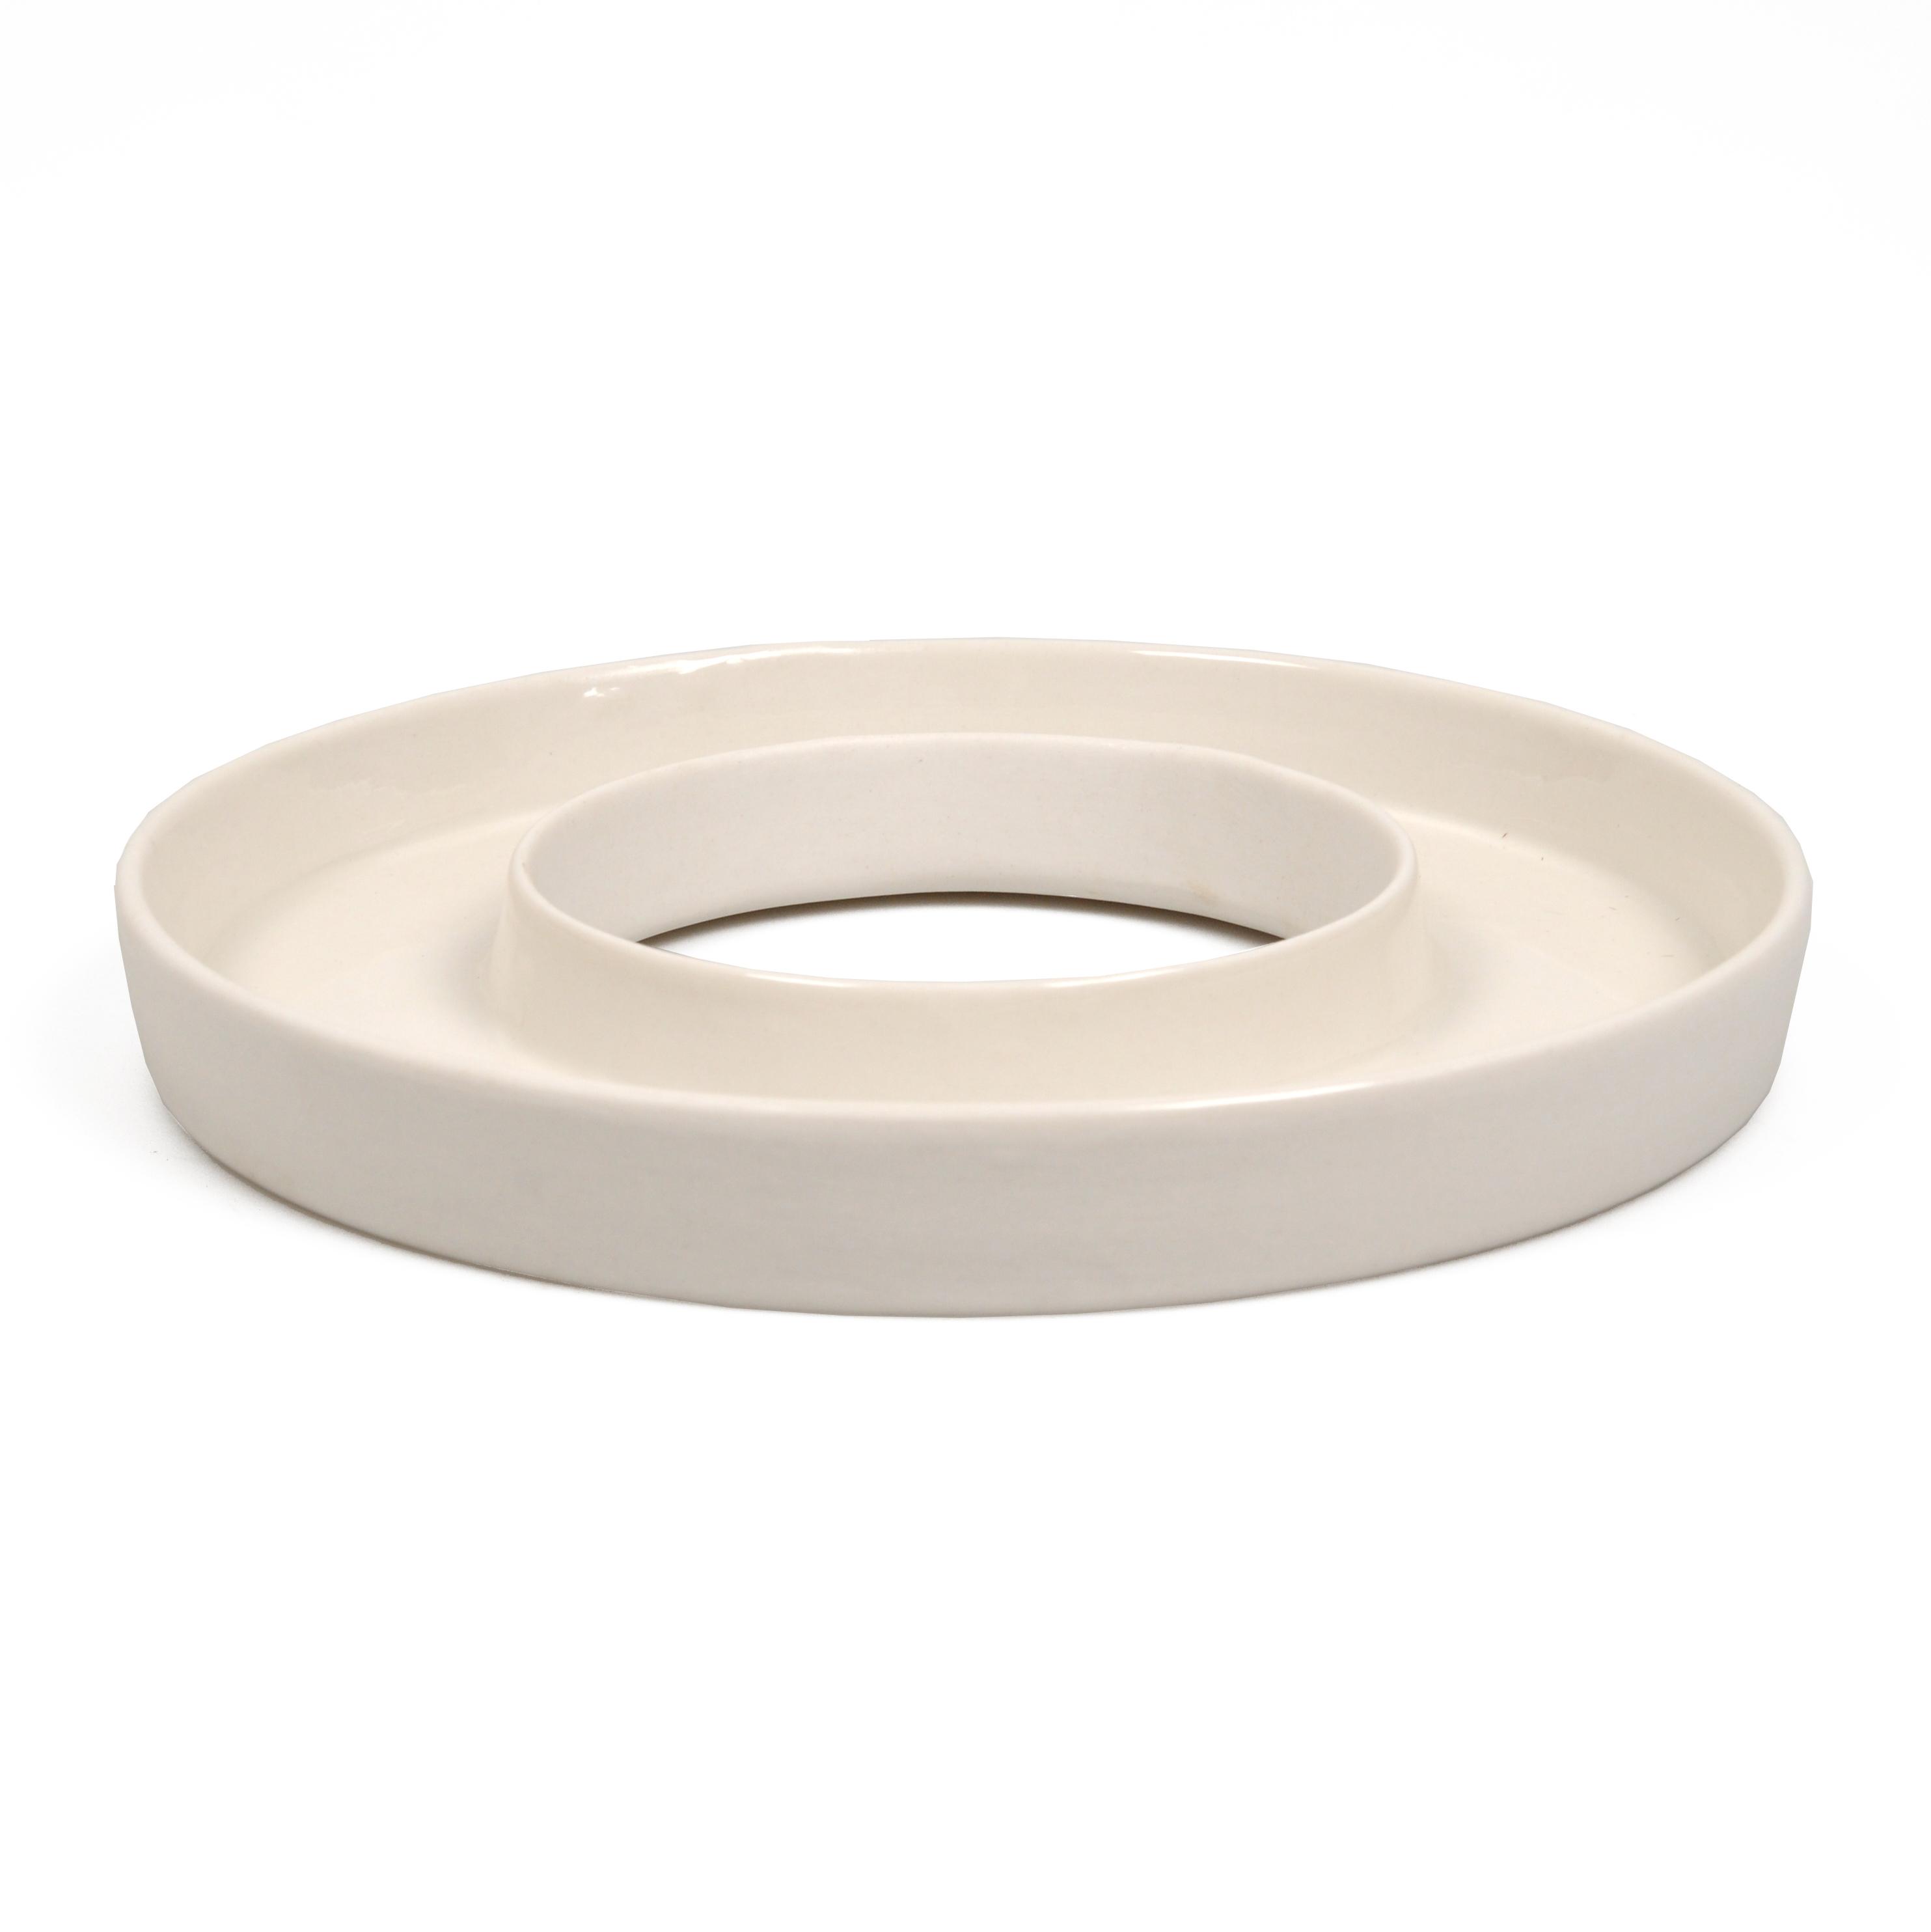 Waxinelichthouder, porselein,Ø 22 cm